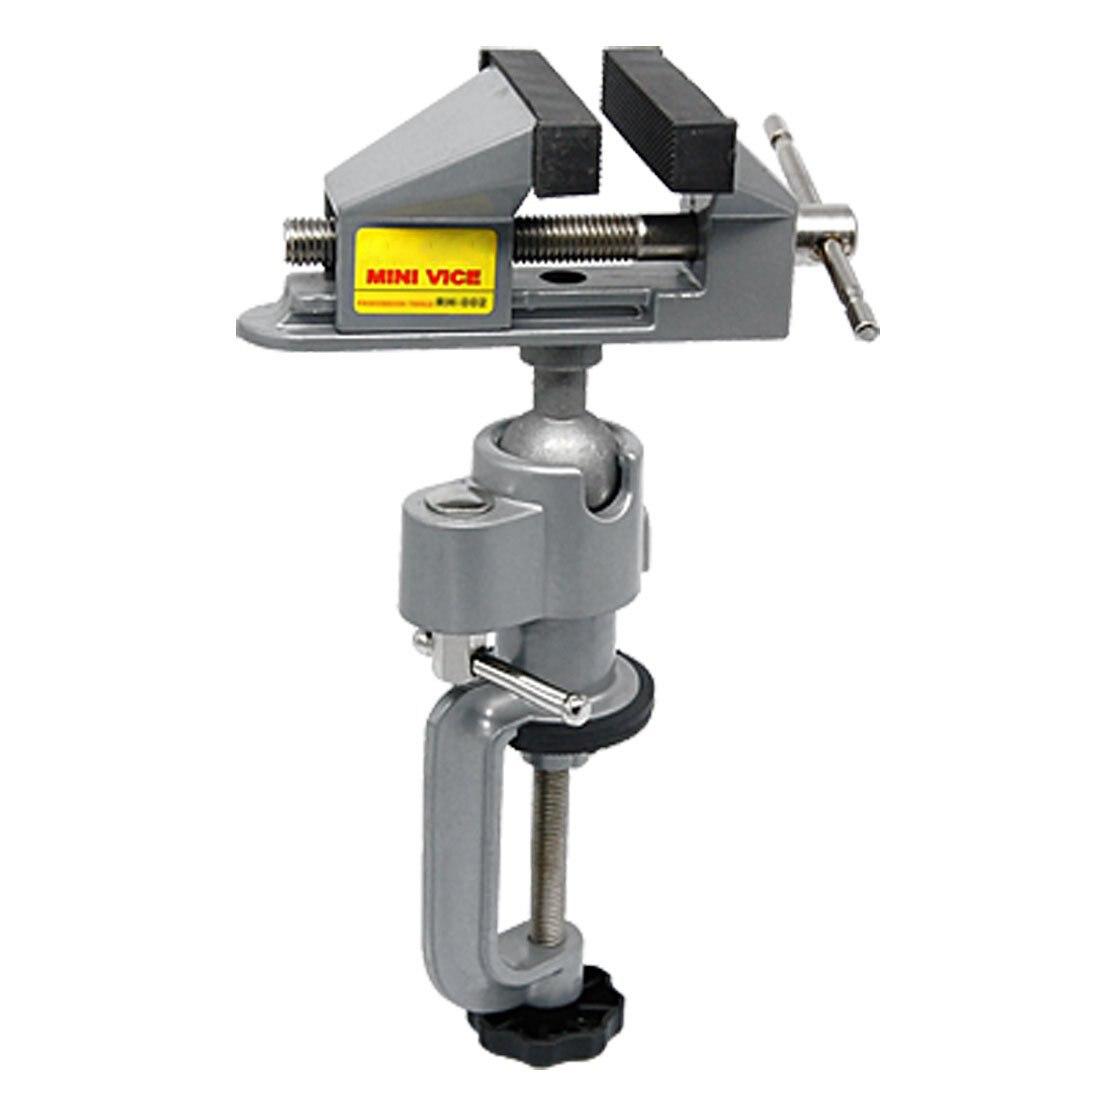 Mesa de tornillo de banco para prensas de titular taladro soporte para Rotary herramienta artesanía modelo edificio electrónica hobby